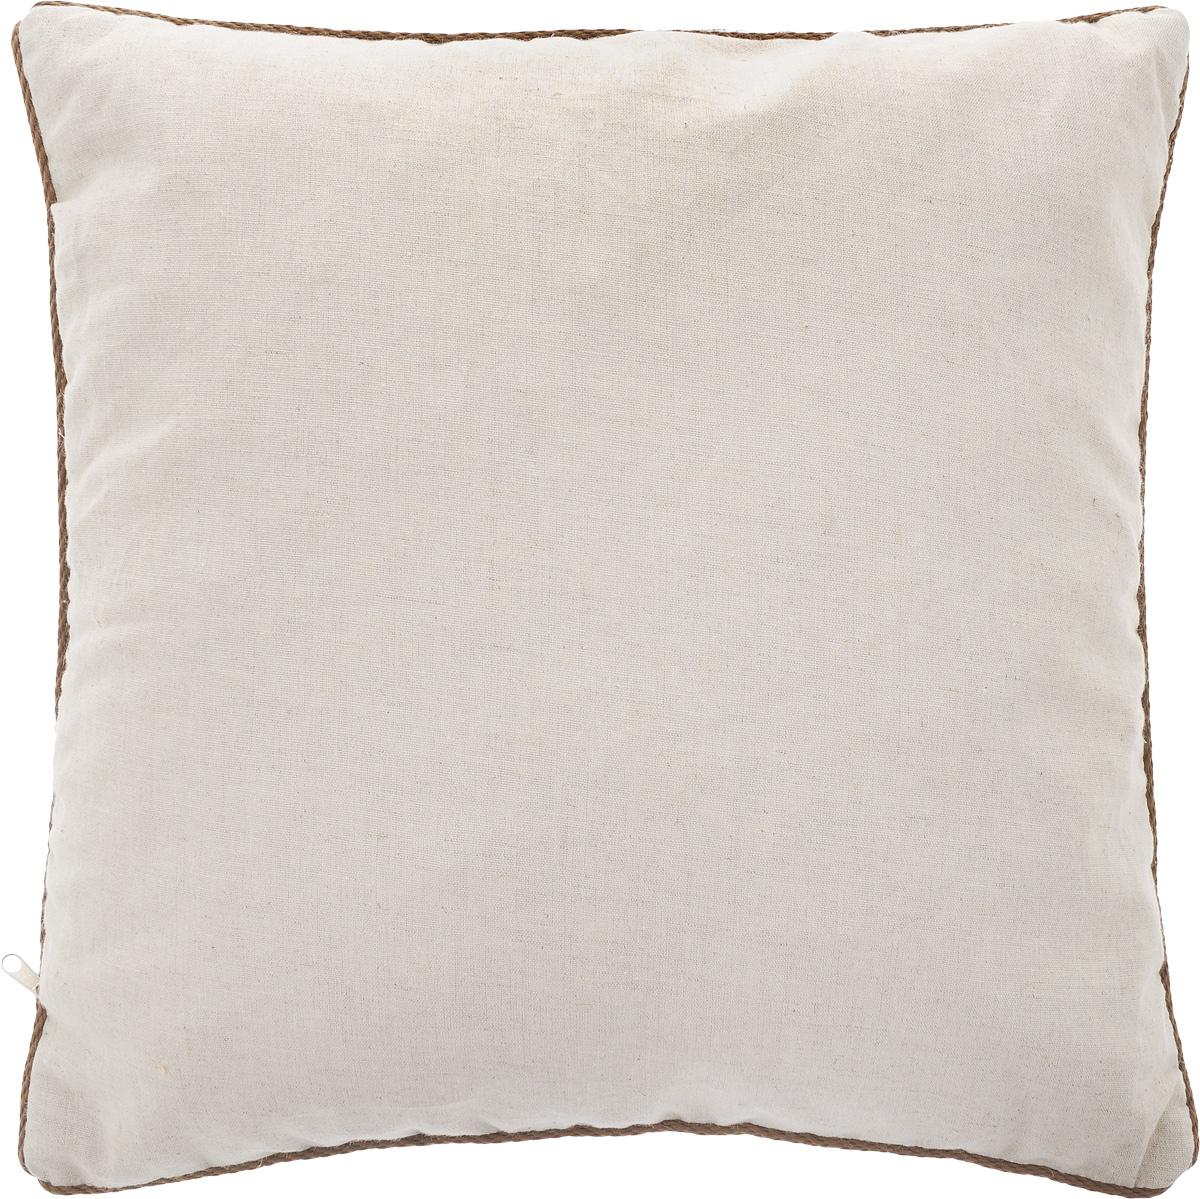 Подушка Smart Textile Кедровый сон, наполнитель: кедровая стружка, 40 х 40 смЕ801Подушка «Кедровый сон» - заслуженно уникальная вещь, подходящая для каждой спальни. Наполнителем в такой подушке является стружка древесины кедра. Это не просто остаточный материал от обработки дерева, а специальная чистовая кедровая стружка. Она содержит фитонциды - природные активные вещества, которые сдерживают рост вредных бактерий и убивают их. Воздух в вашей спальне будет чистым и свежим, а сон здоровым и крепким, что особенно важно в современном полном стрессов мире. Отдых на таких подушках восстановит ваш энергетический баланс и сделает ваш день более продуктивным и насыщенным. Помимо этого улучшается общее самочувствие и укрепляется иммунитет, помогая вашему организму более эффективно бороться с простудными заболеваниями. Подушки из кедровой стружки достаточно жесткие, они хорошо фиксируют голову и шею. Благодаря удобной застежке, вы легко сможете регулировать плотность набивки своей подушки. Внешний чехол выполнен из льна, что делает подушку приятной на ощупь и обеспечивает комфортные условия для полноценного отдыха, а так же обеспечит легкий уход за изделием.